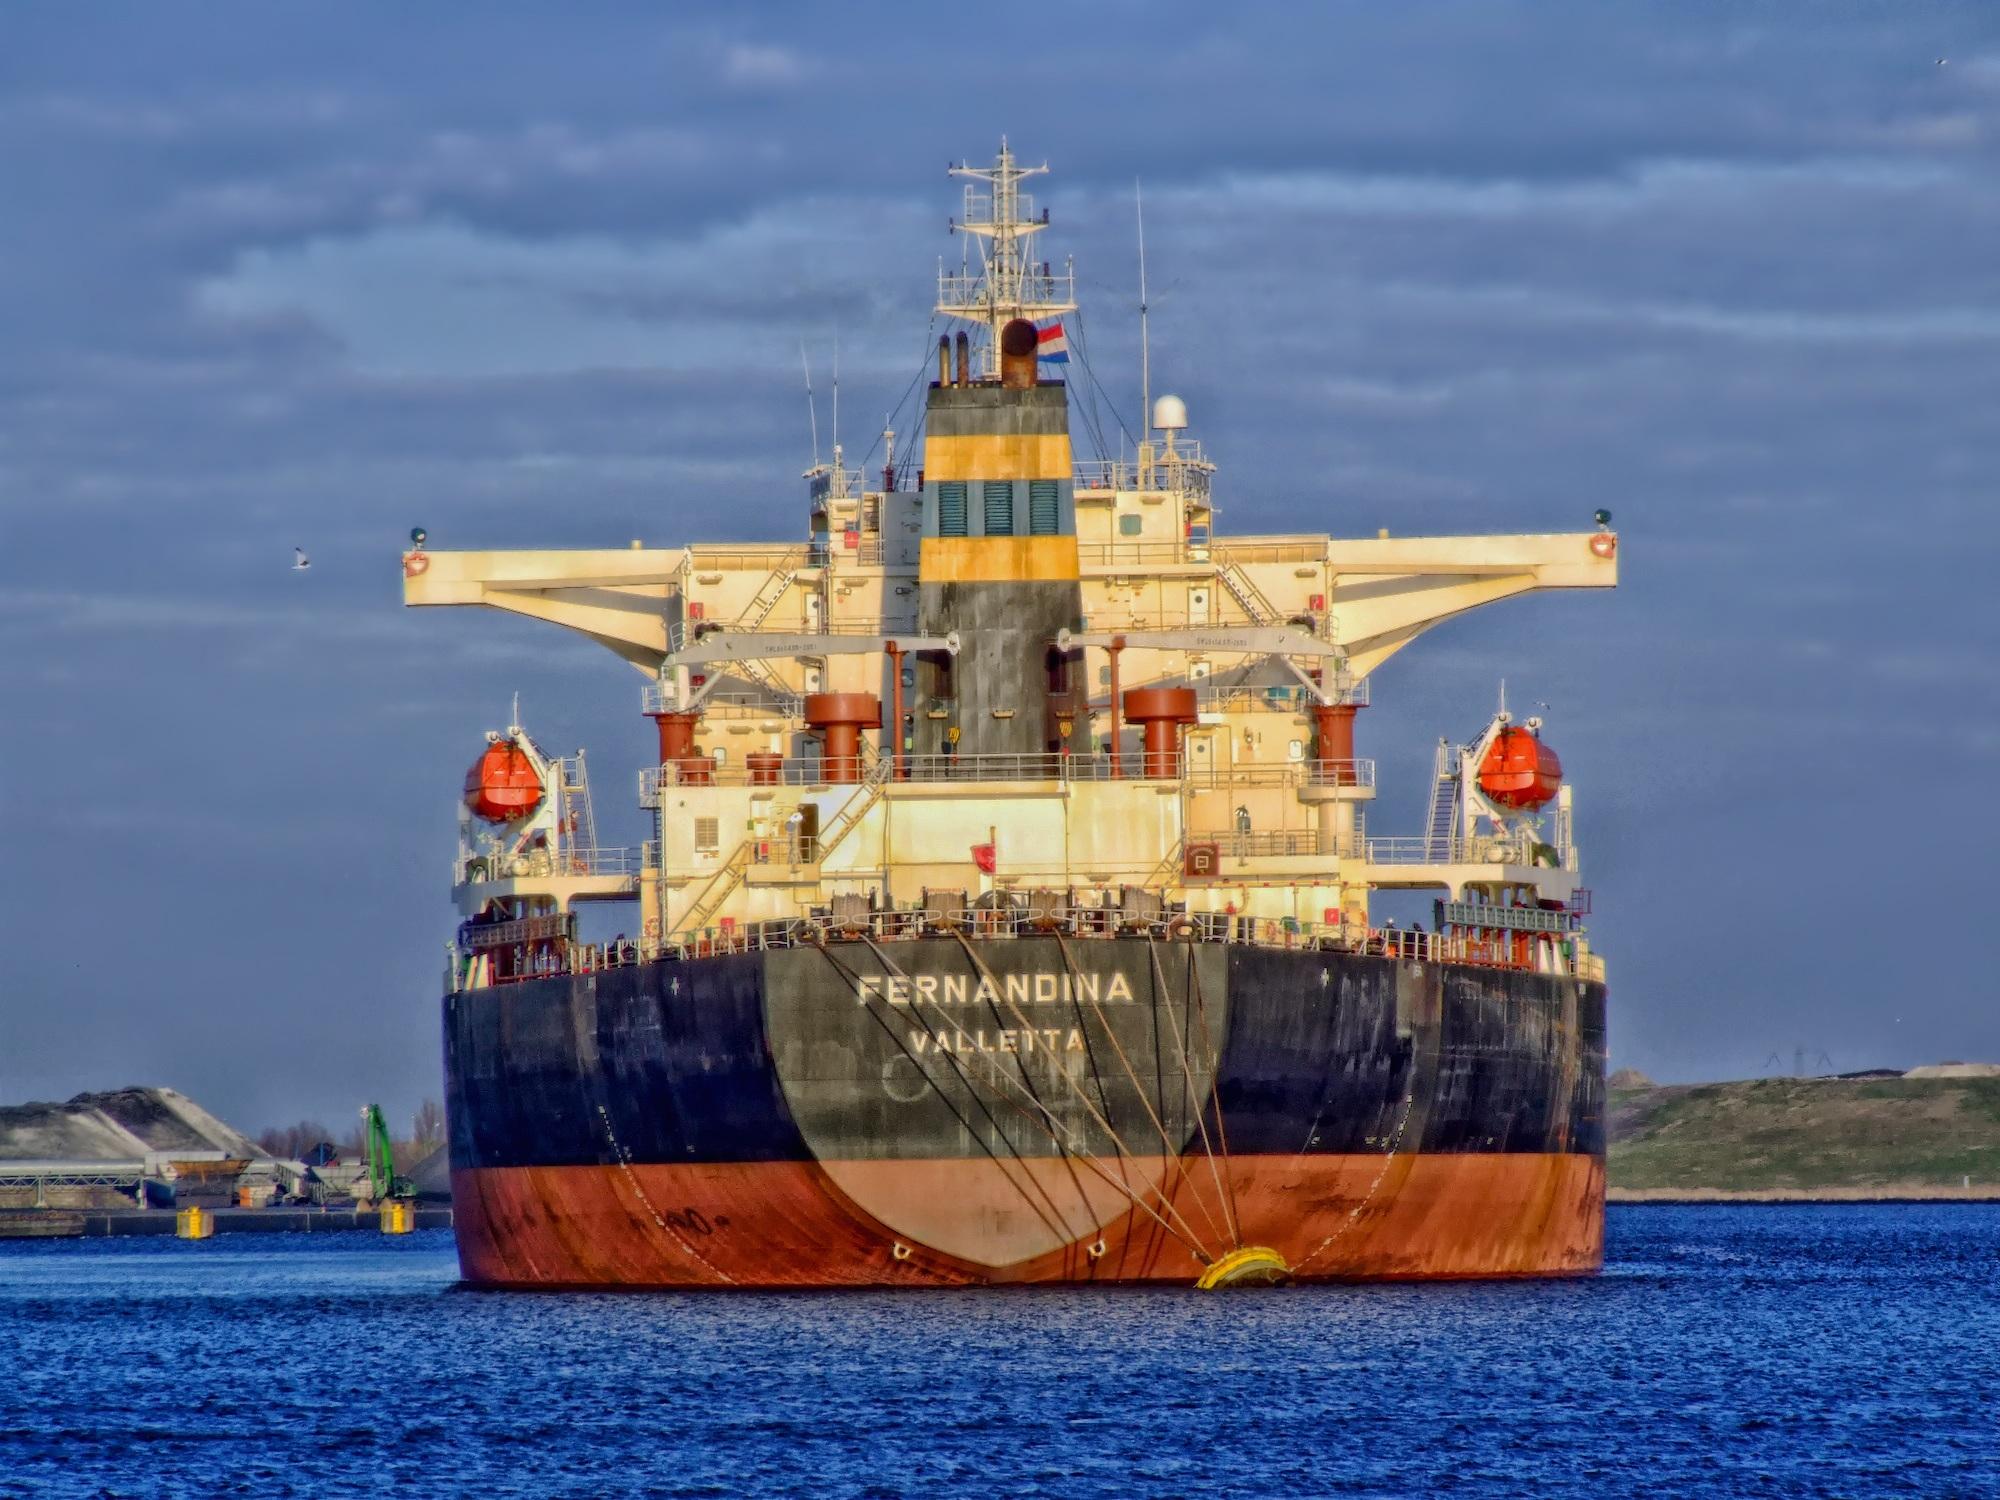 ANP: Audiência pública debate redução de enxofre em combustíveis marítimos